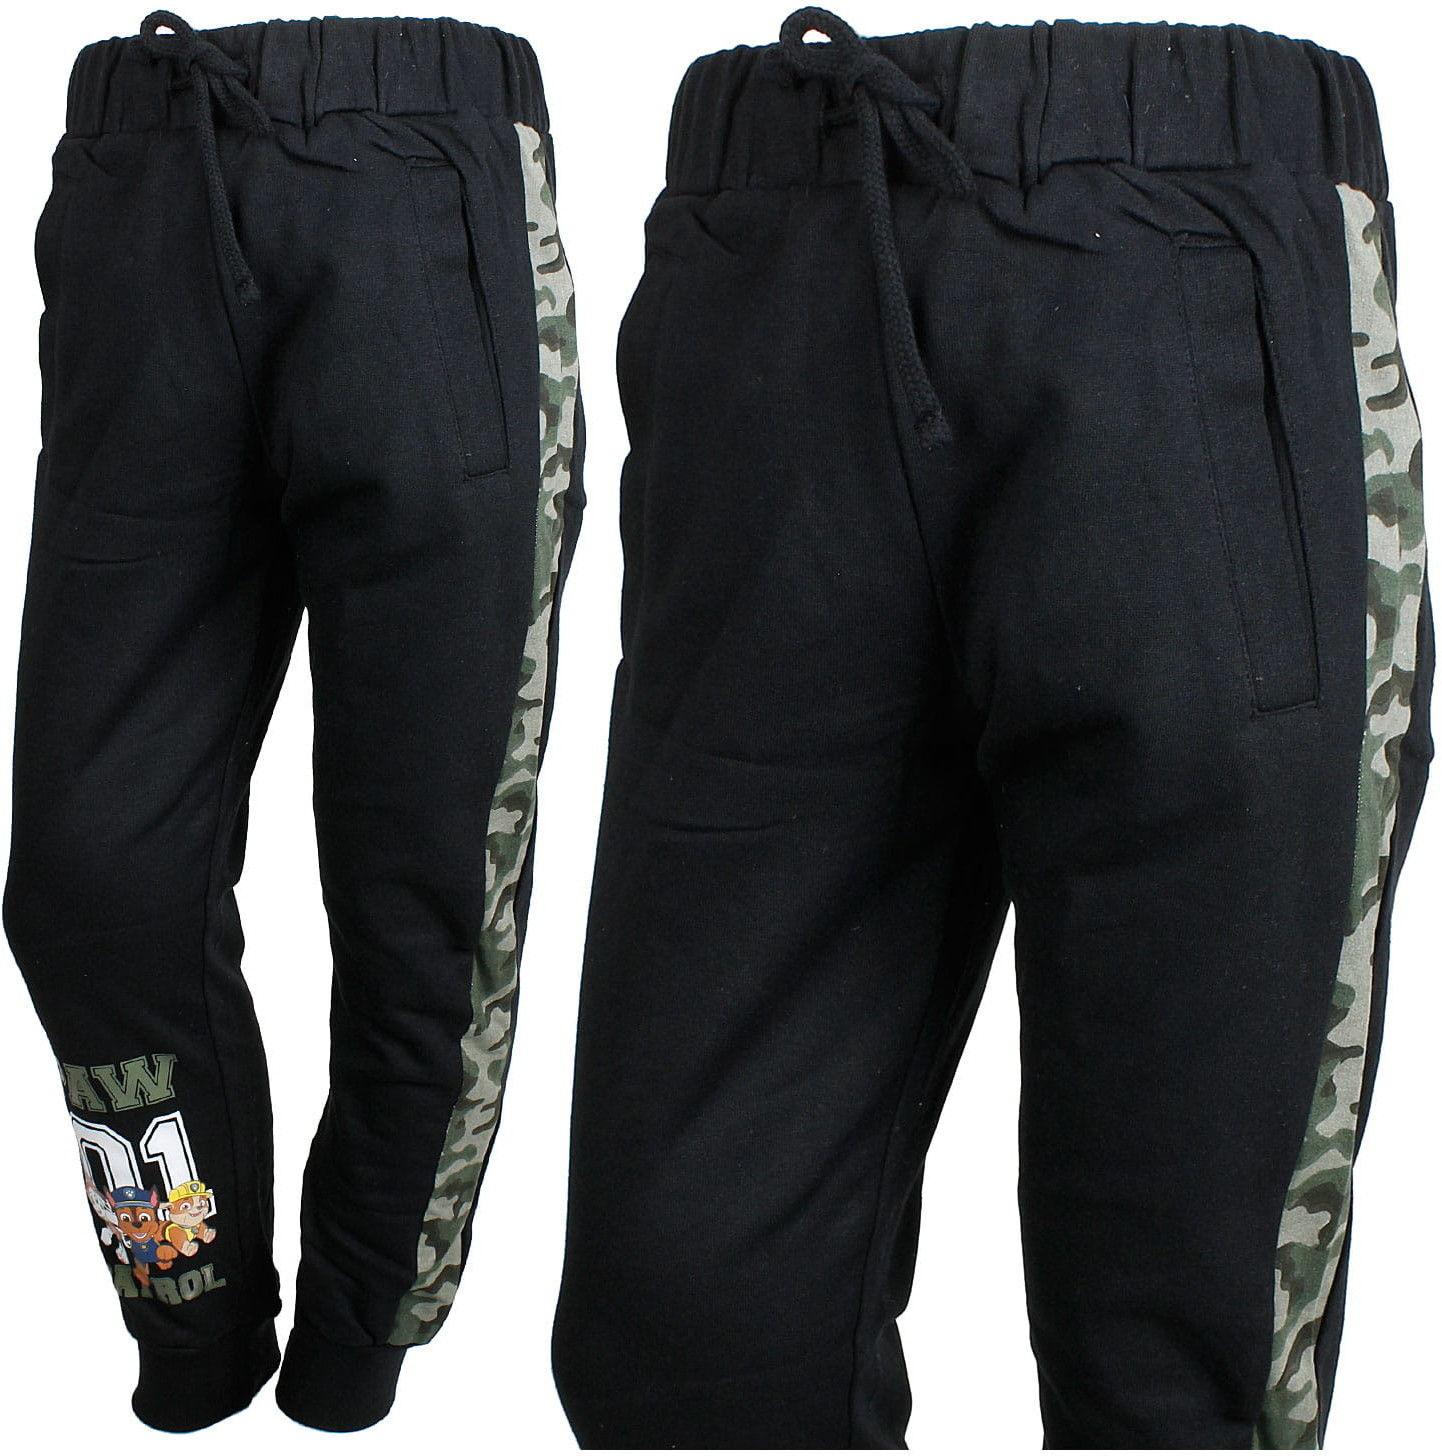 Spodnie dresowe chłopięce PSI PATROL lekko ocieplane